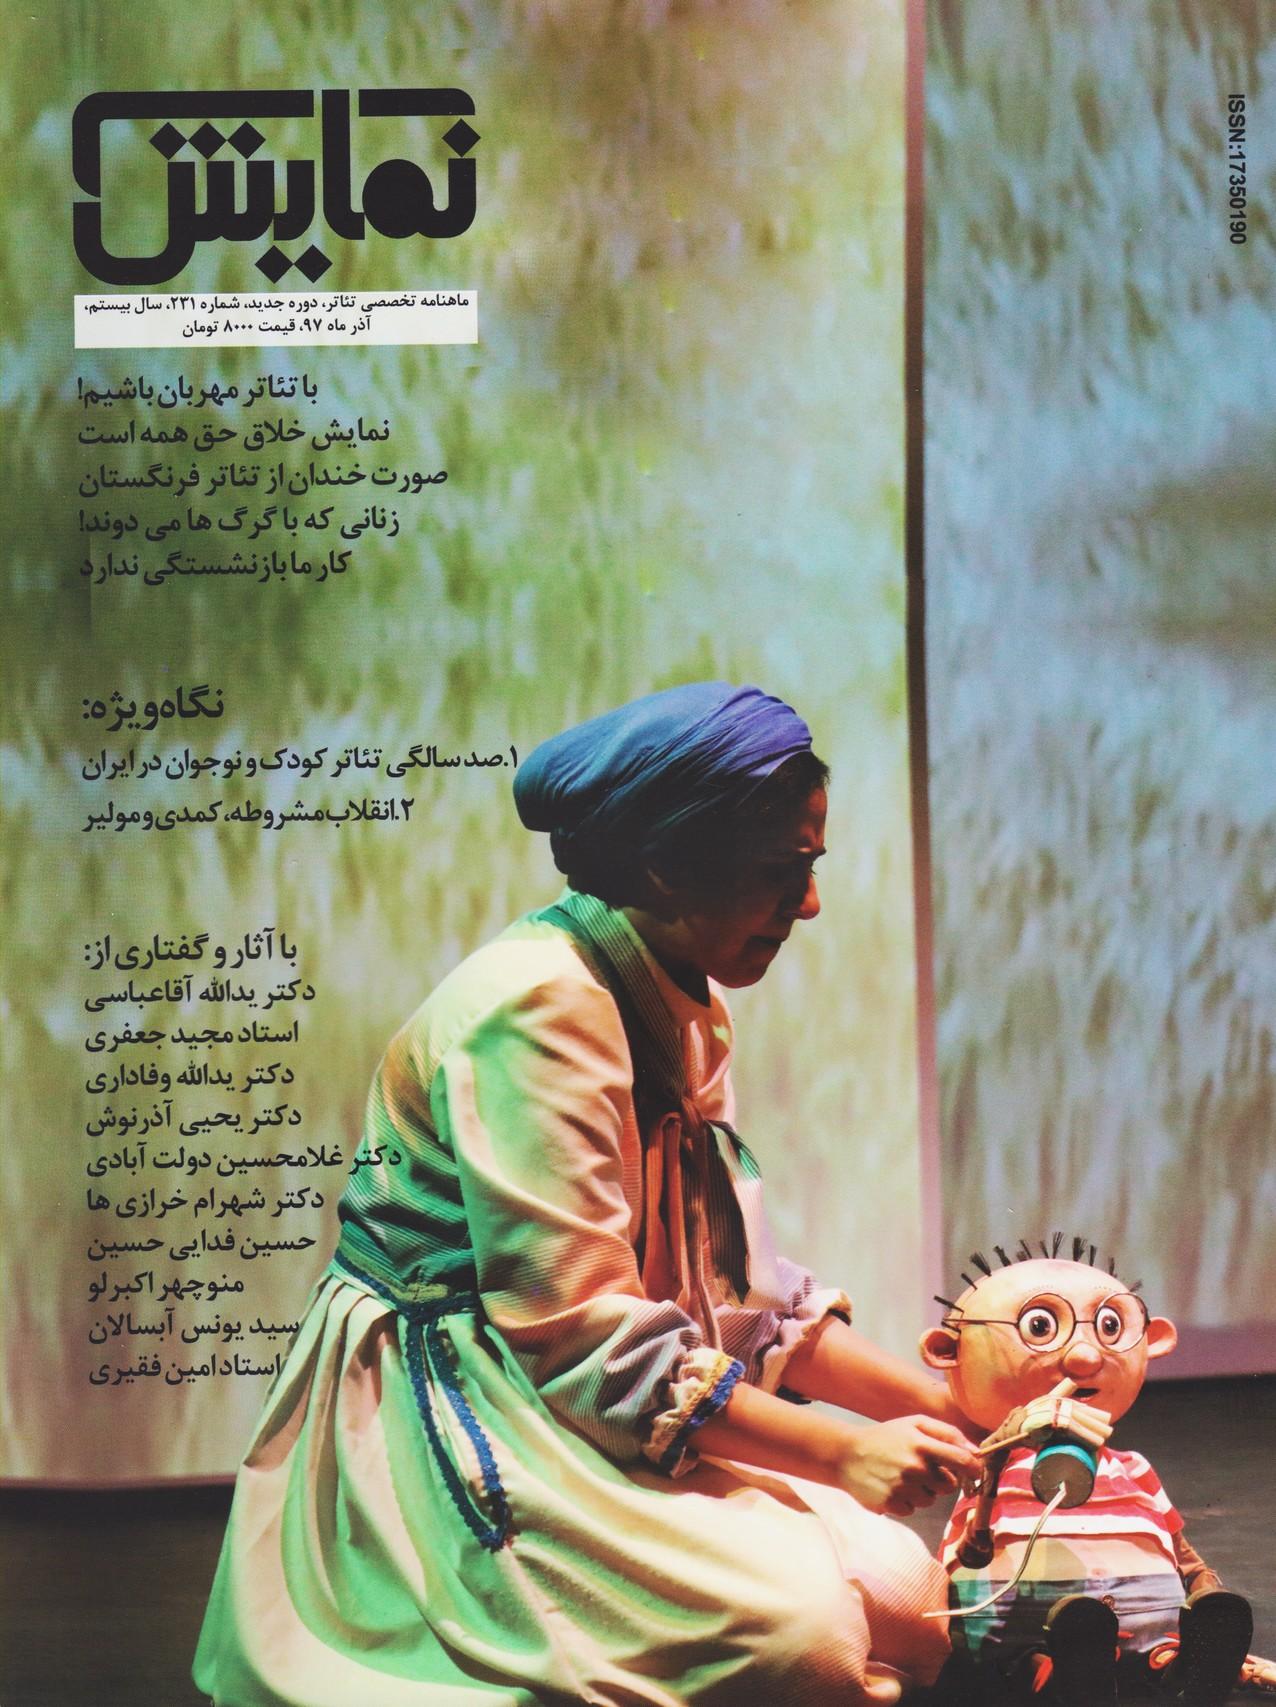 مجله نمایش (231) - آذرماه97 نگاه ویژه : صد سالگی تئاتر کودک و نوجوان در ایران / انقلاب مشروطه ، کمدی و مولیر